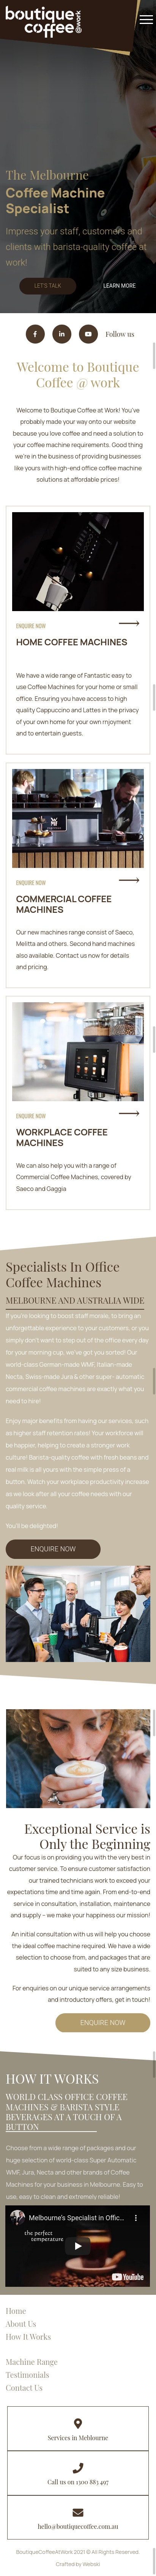 Coffee_Machine_Service_Melbourne_Web-design